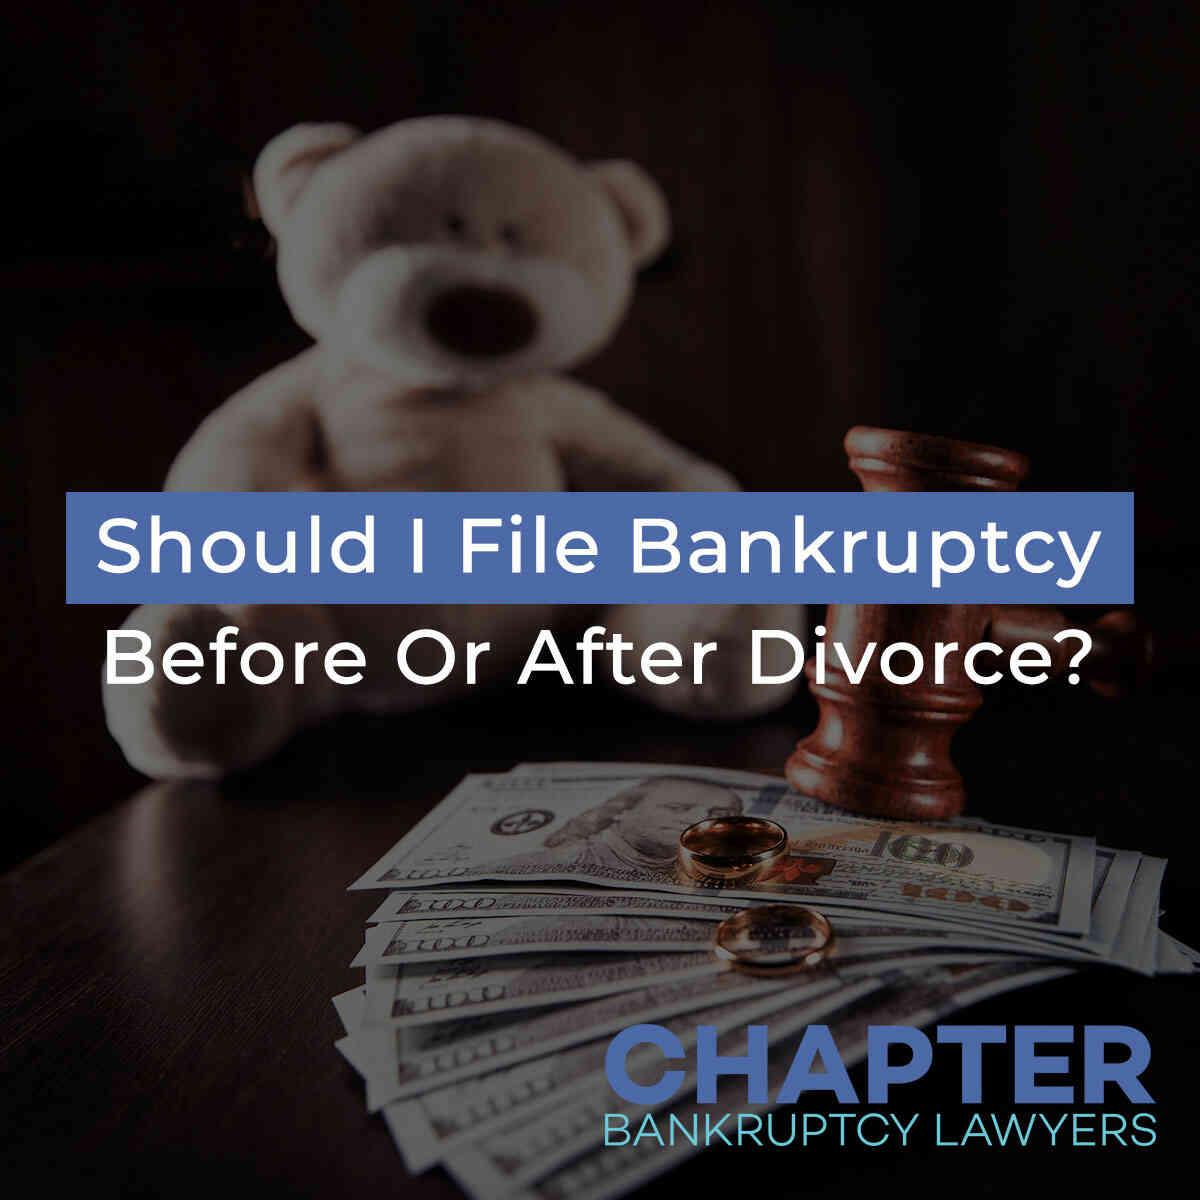 Should I File Bankruptcy Before Or After Divorce